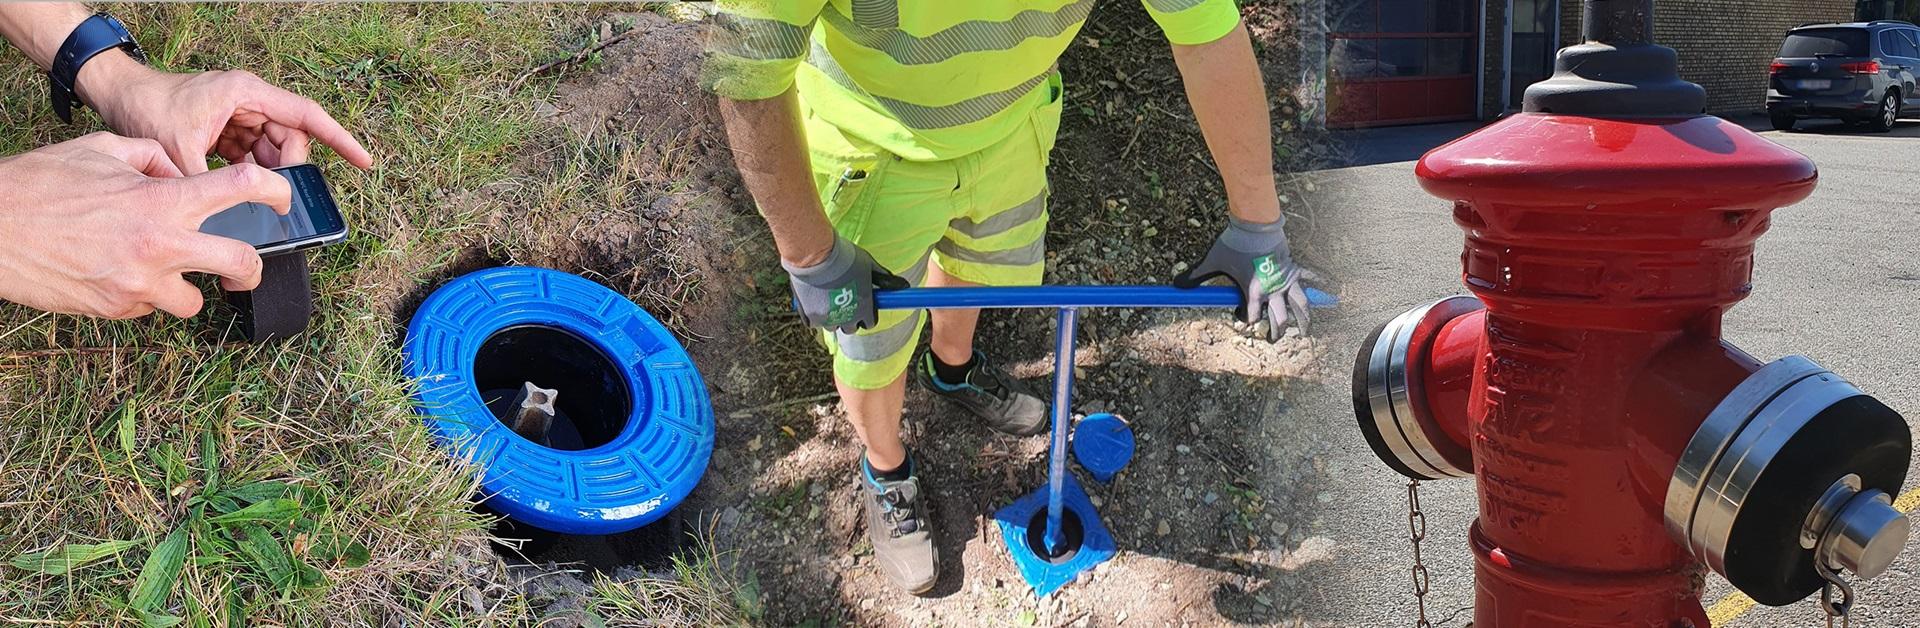 AVK Smart Water installasjonsfoto Posisjonssensor og Hydrantlokk